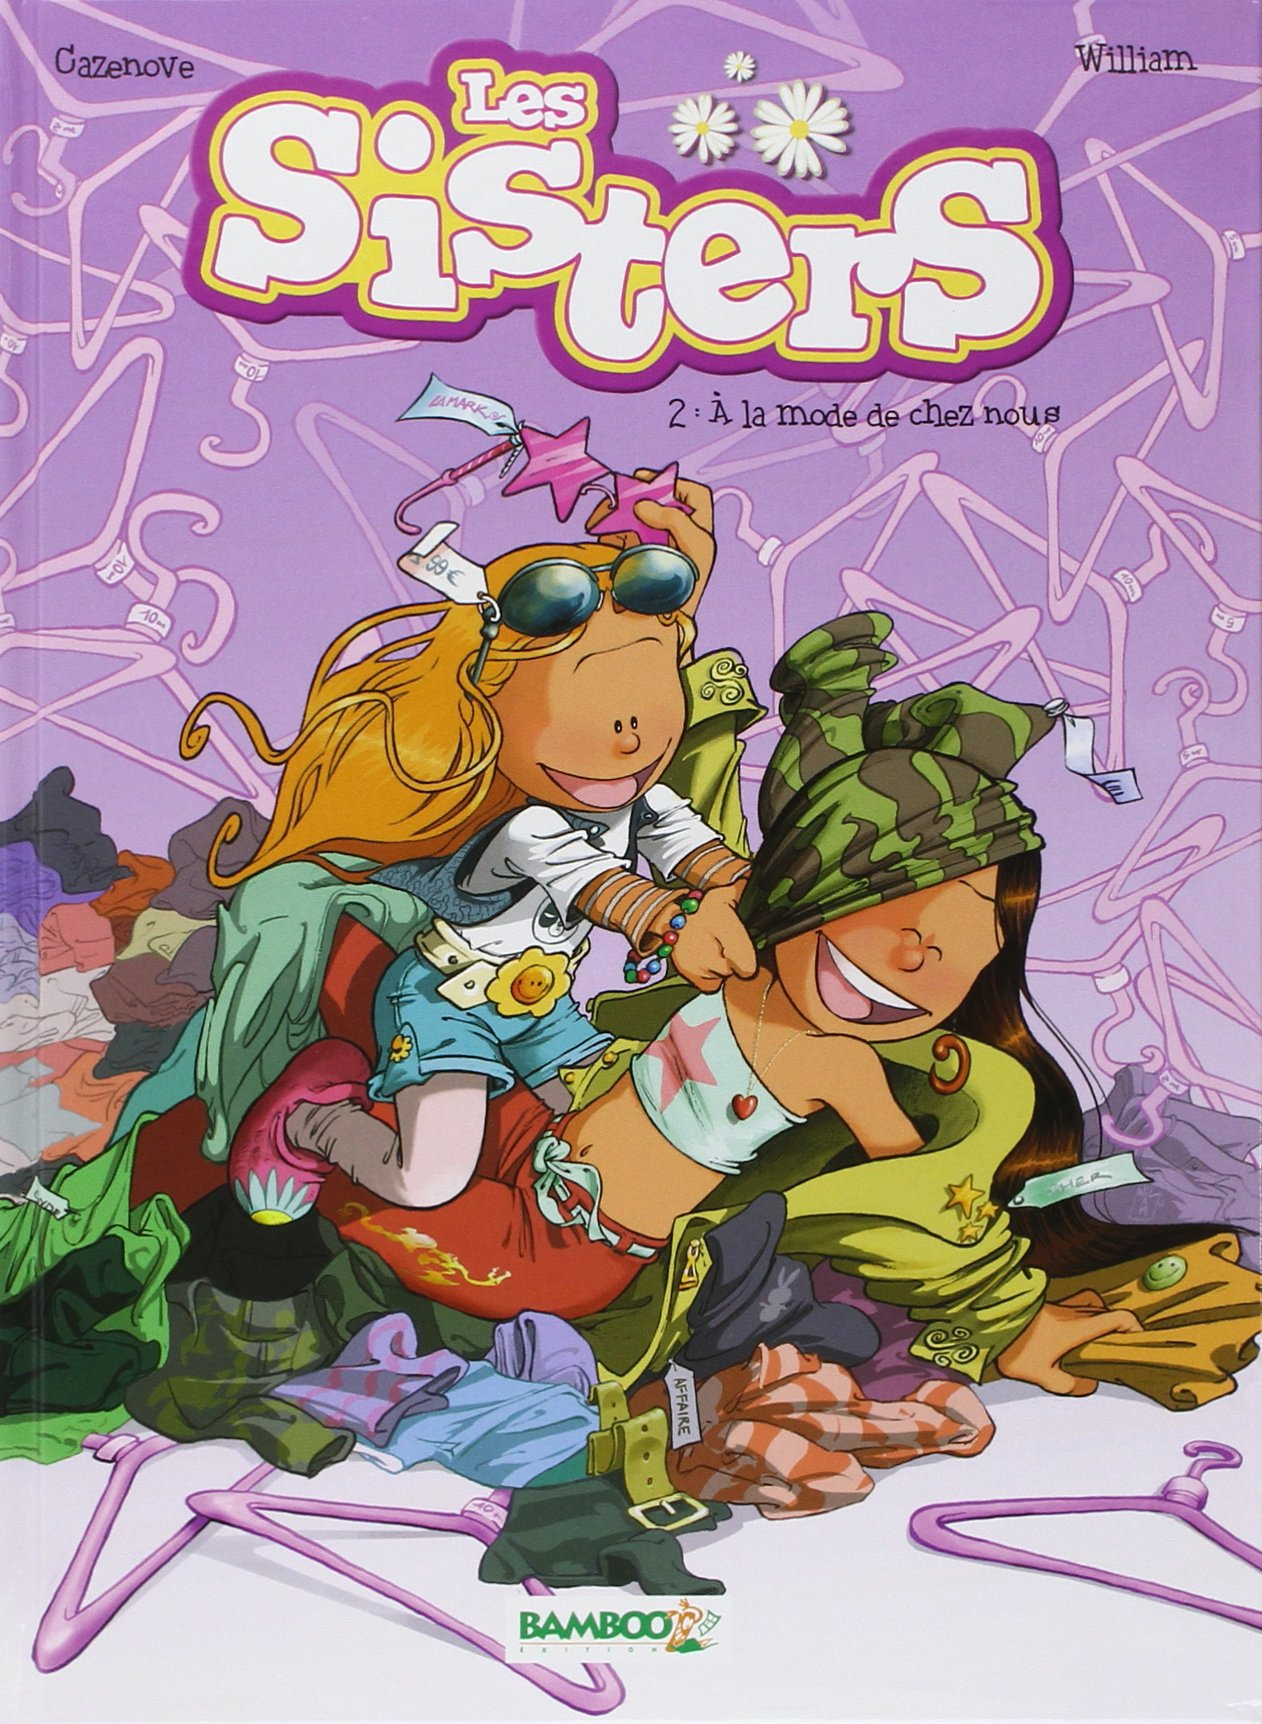 Les Sisters, Tome 2 : A la mode de chez nous Album – 29 octobre 2008 Christophe Cazenove William Bamboo Editions 2350785491